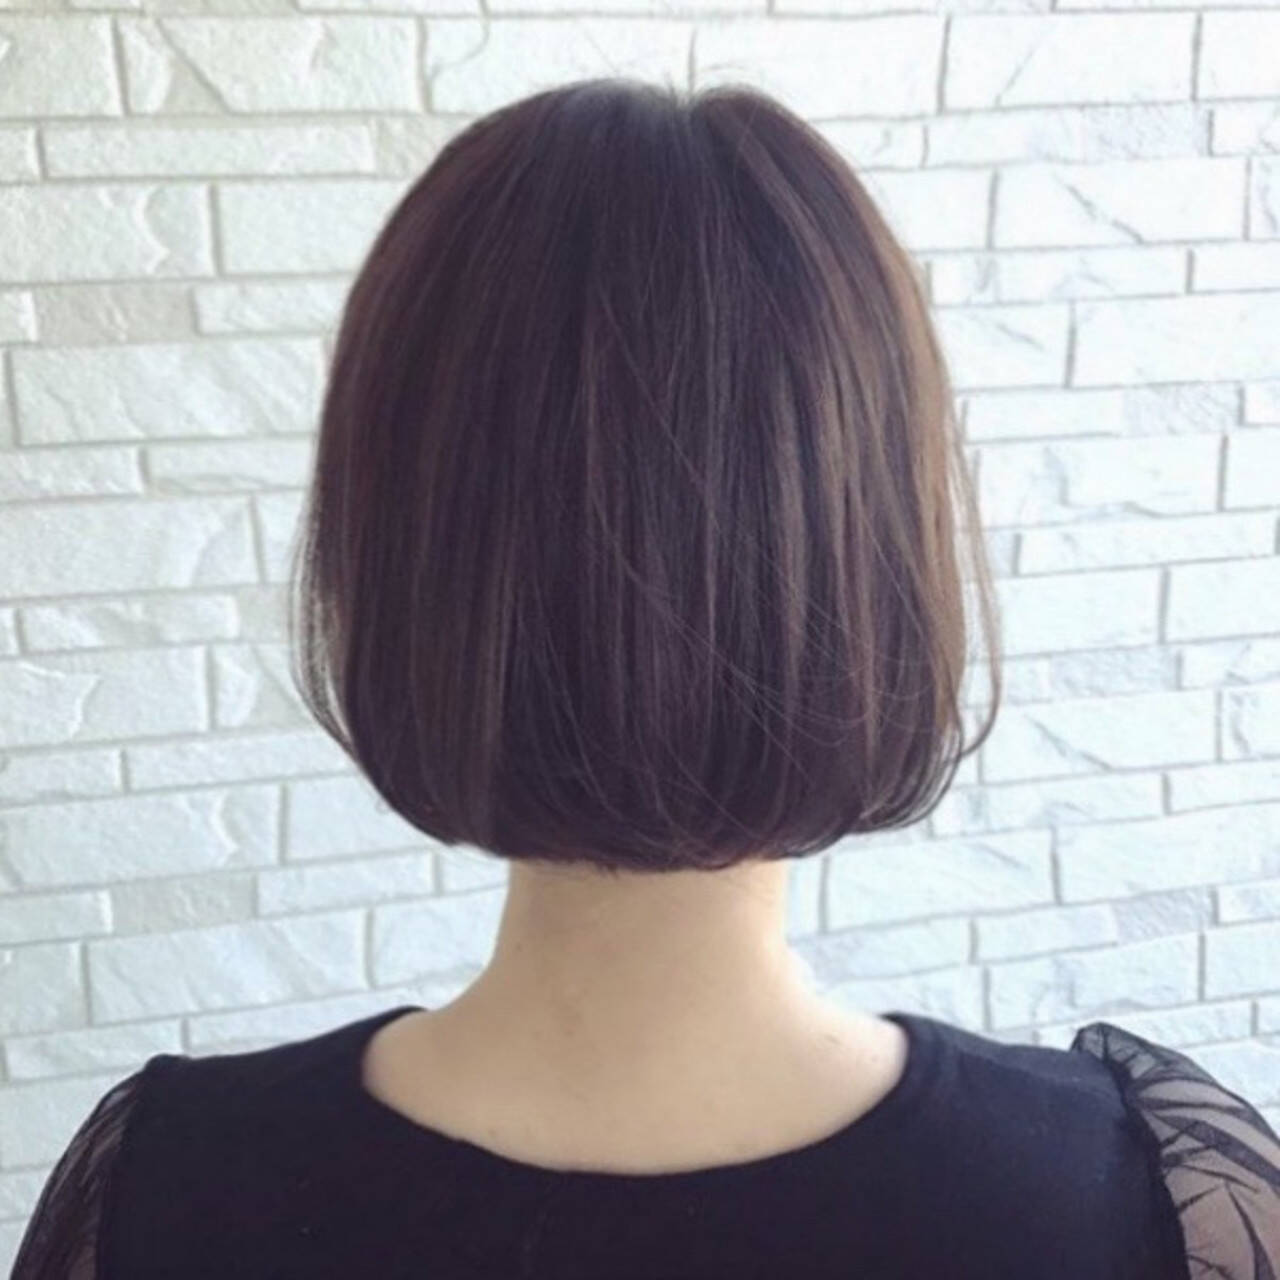 切りっぱなしボブ ミニボブ ボブ ベージュヘアスタイルや髪型の写真・画像